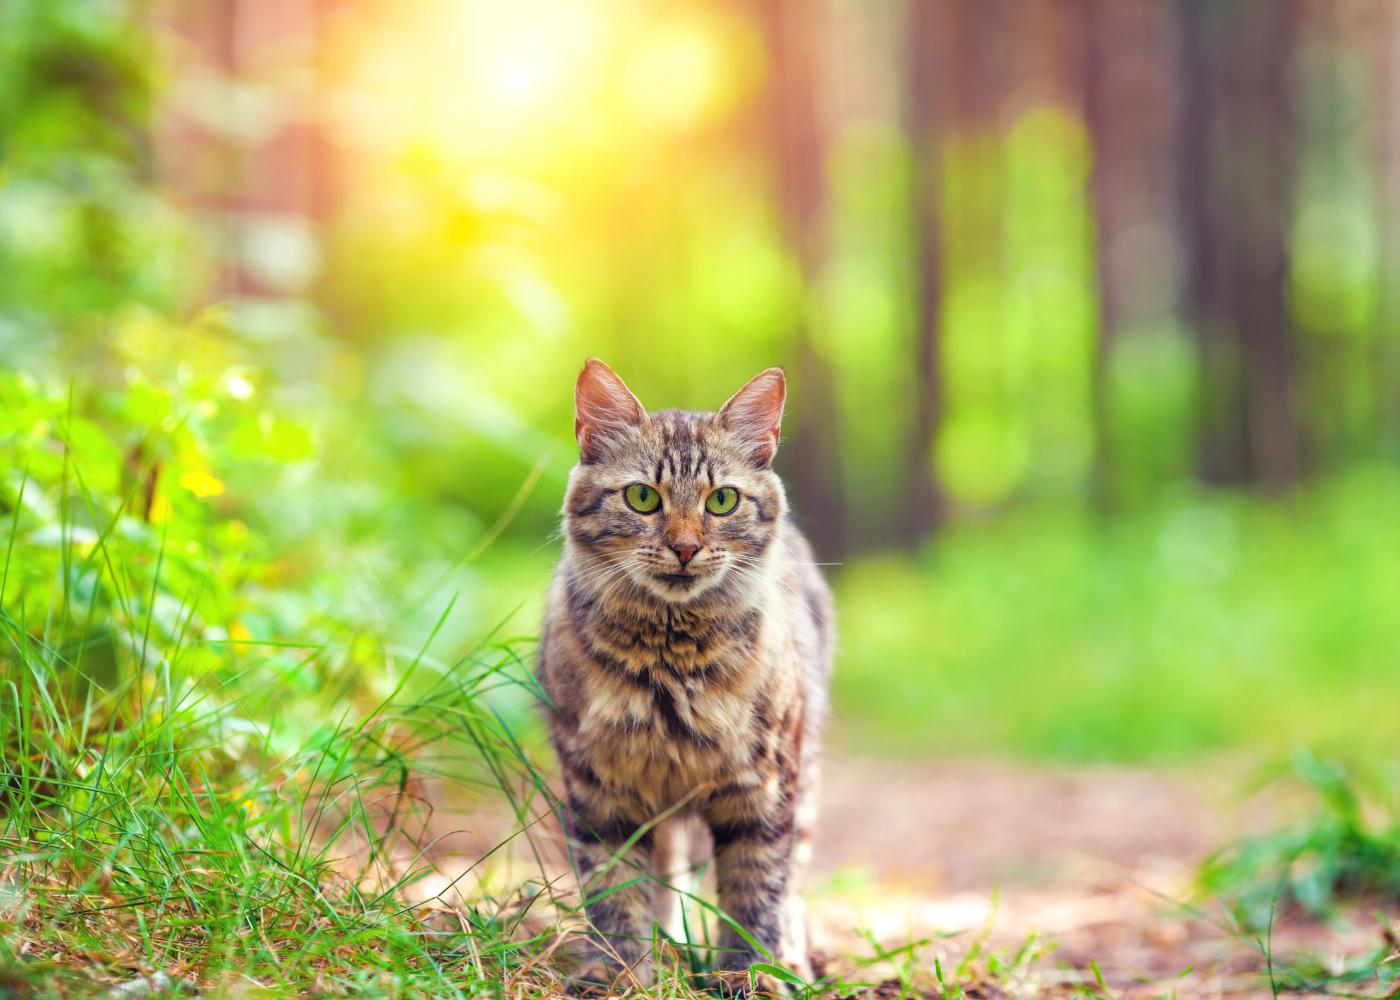 gato siberiano a passear